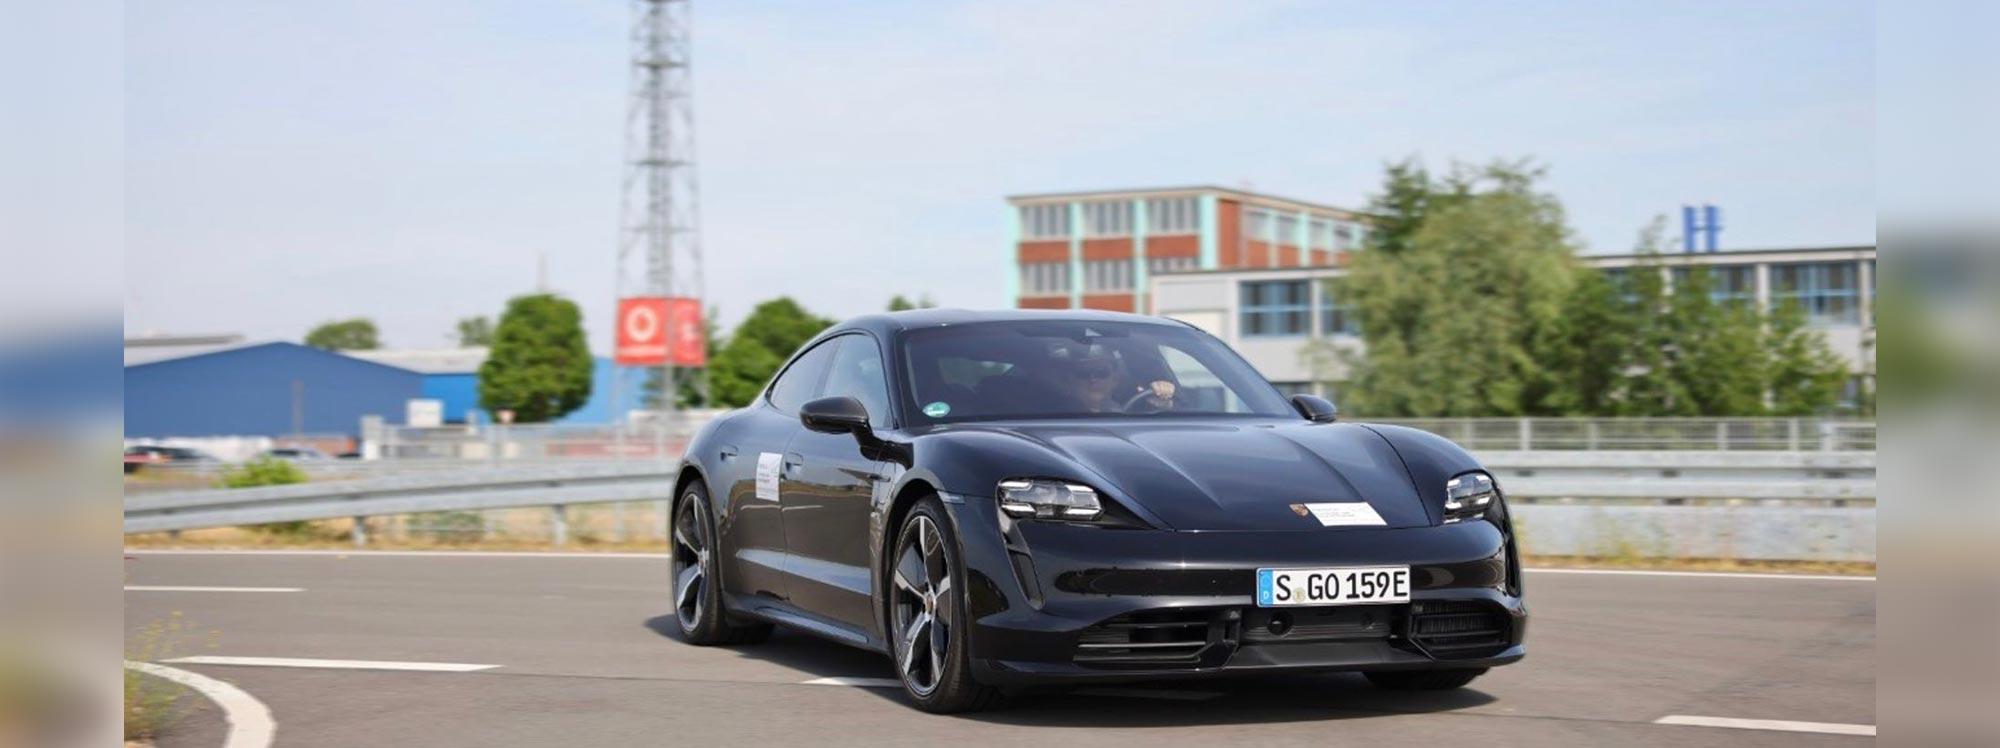 Producción de baterías de silicio, lo nuevo de Porsche